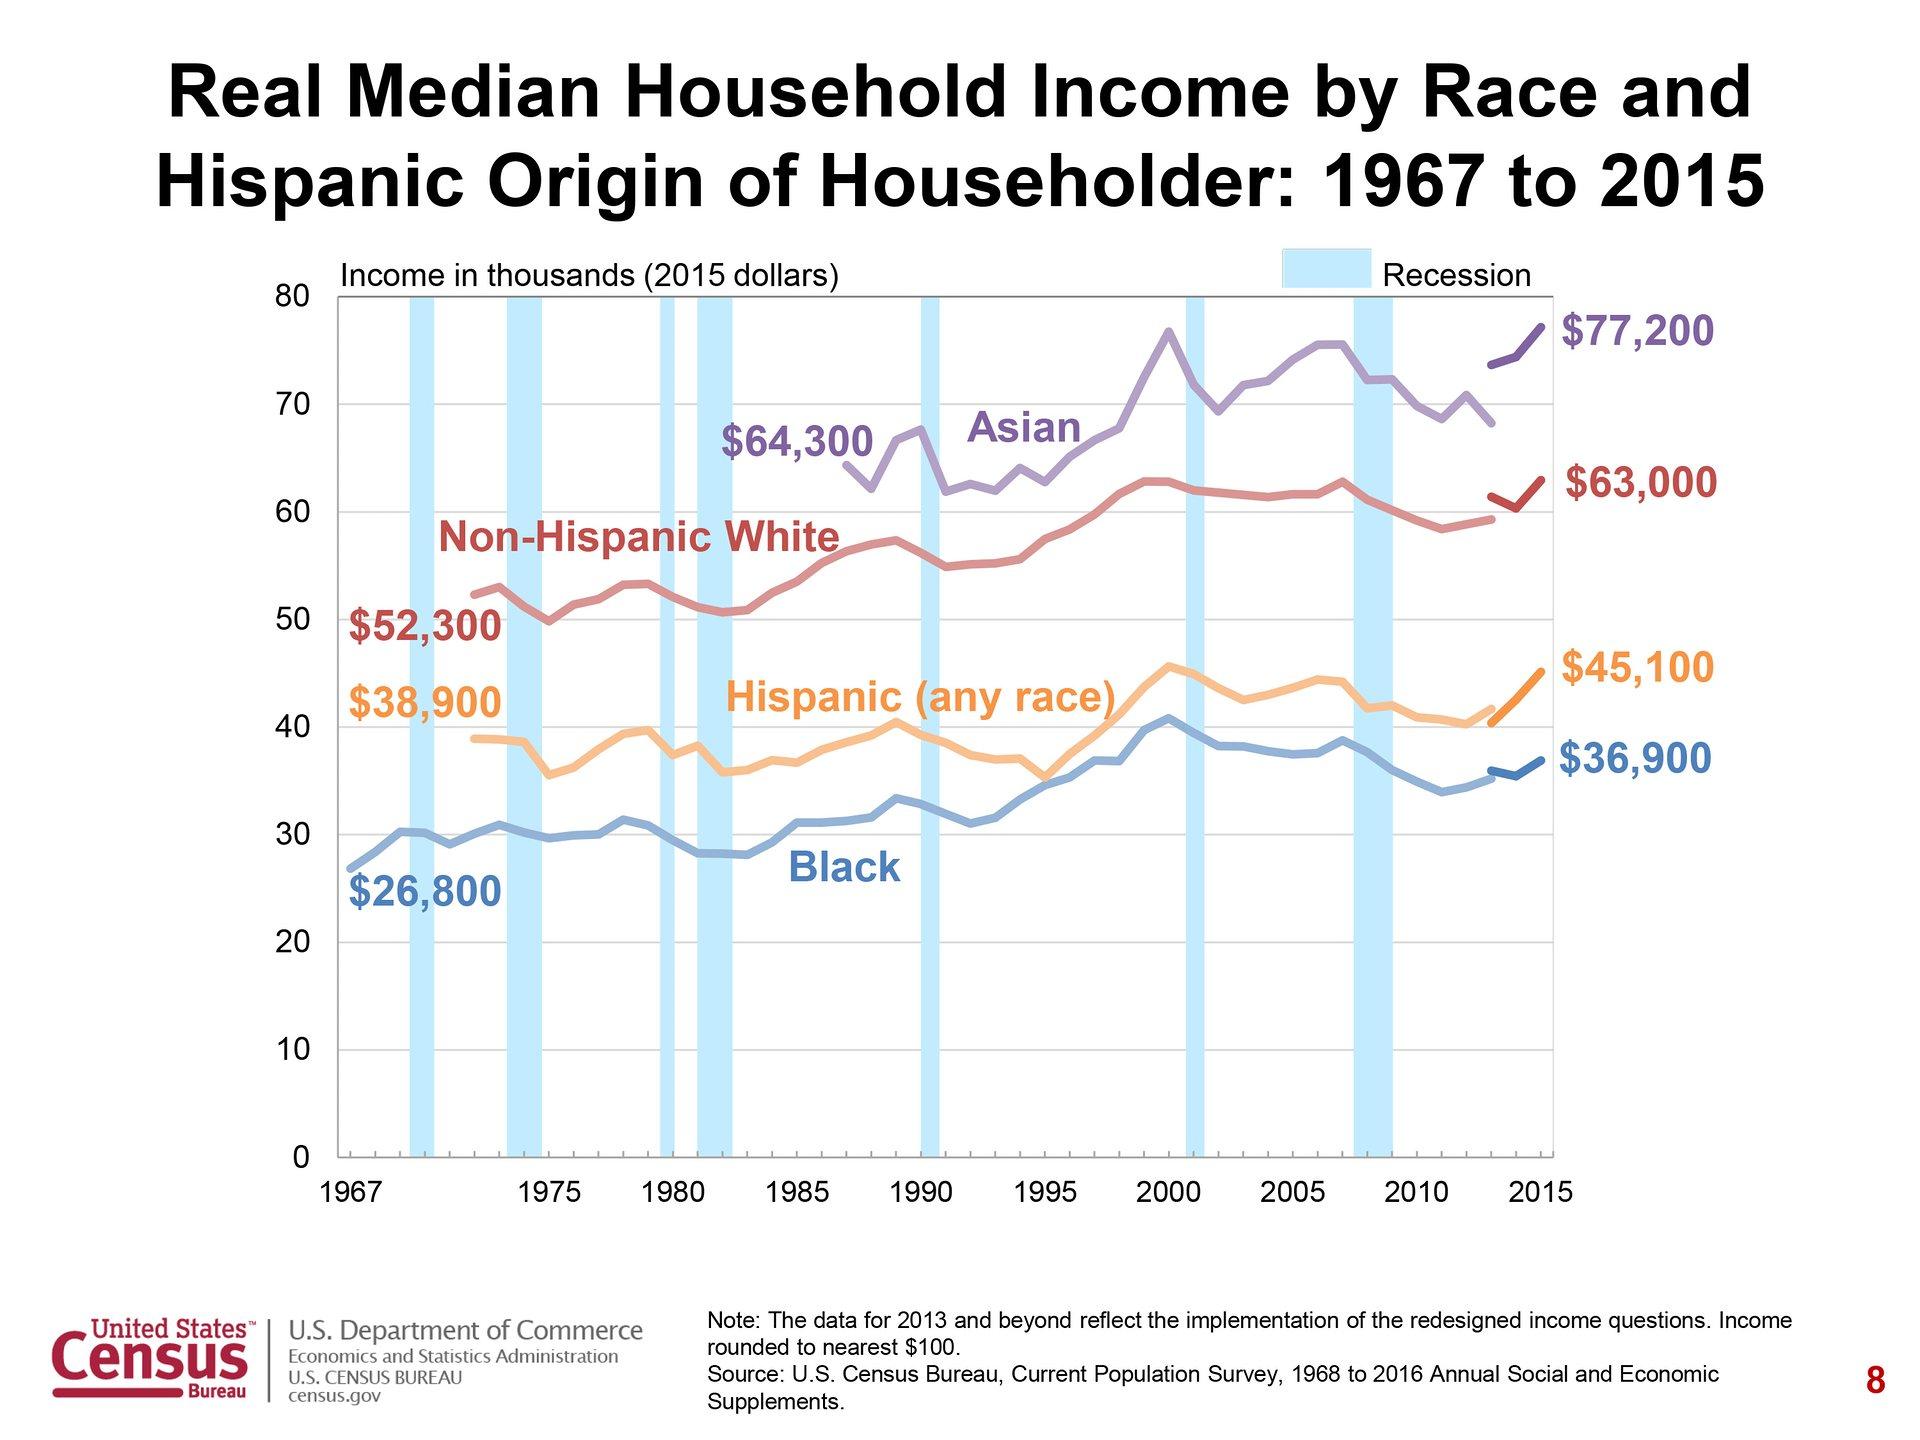 График среднего дохода домохозяйств всоответствии срасовой принадлежностью домовладельцев